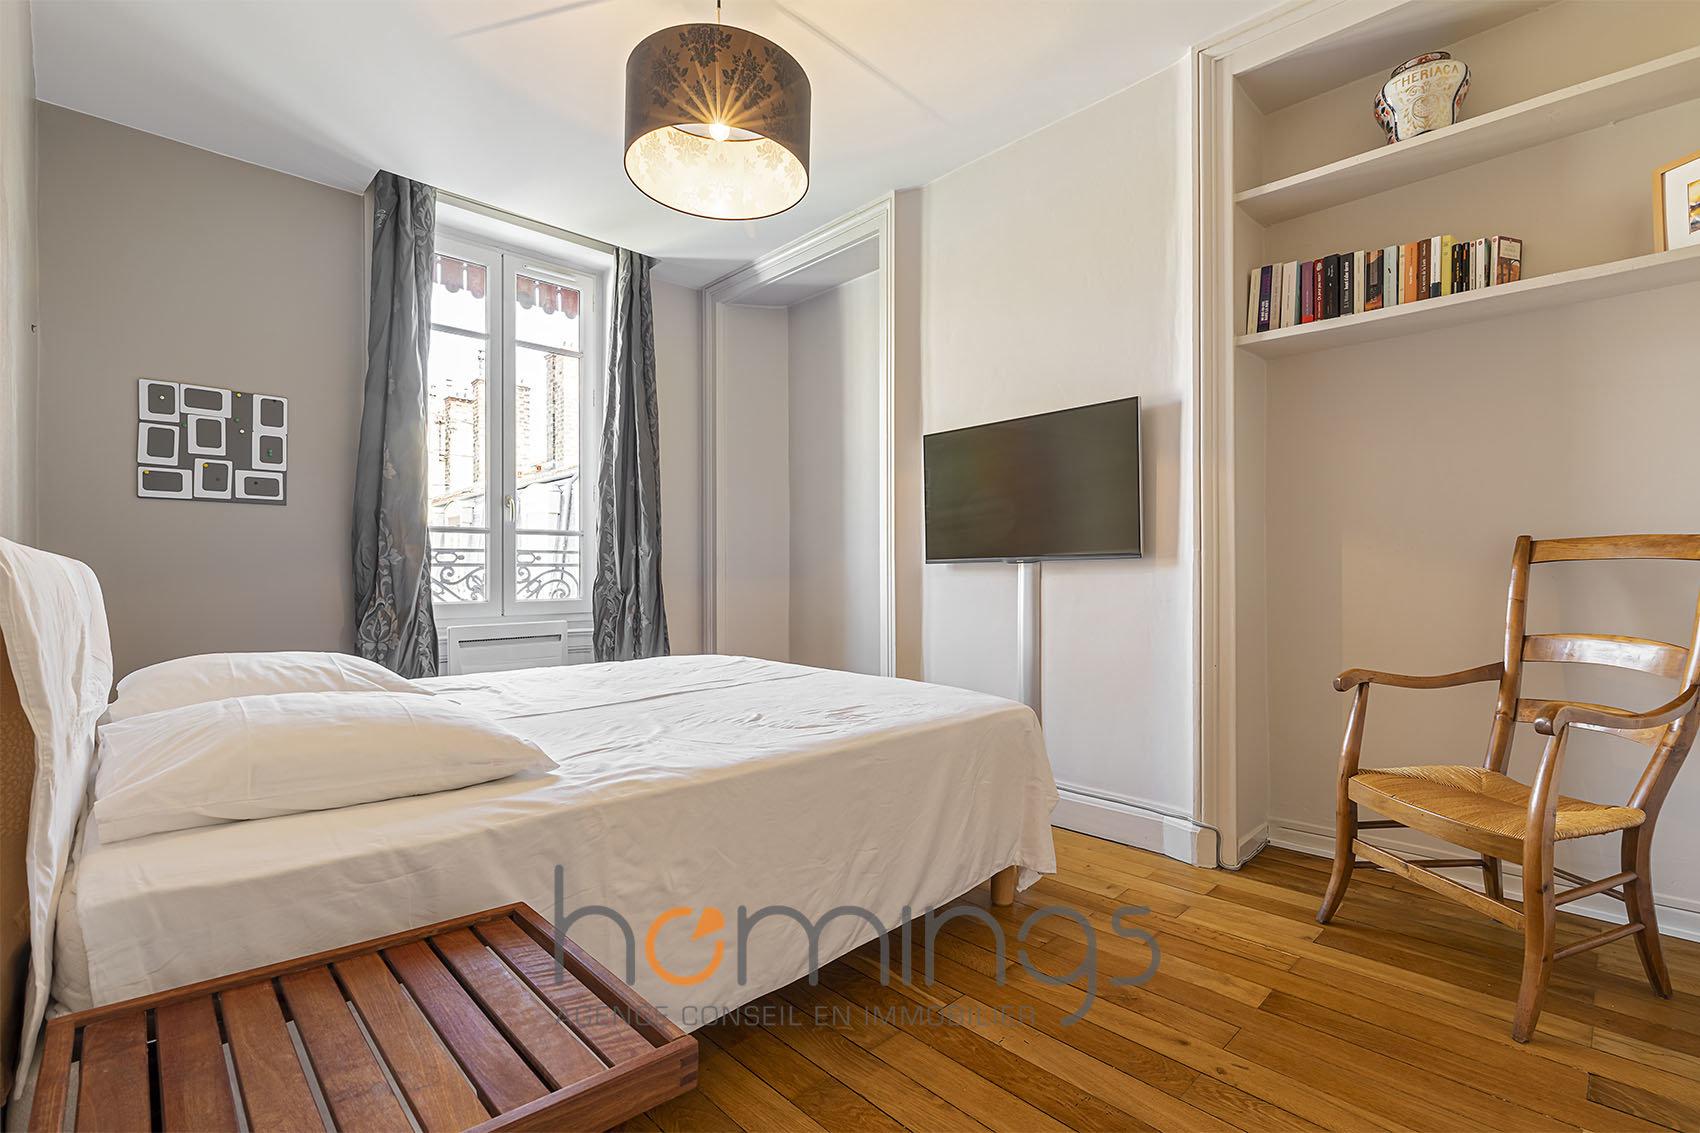 Loué par notre agence - T2 Saxe meublé avec Balcon